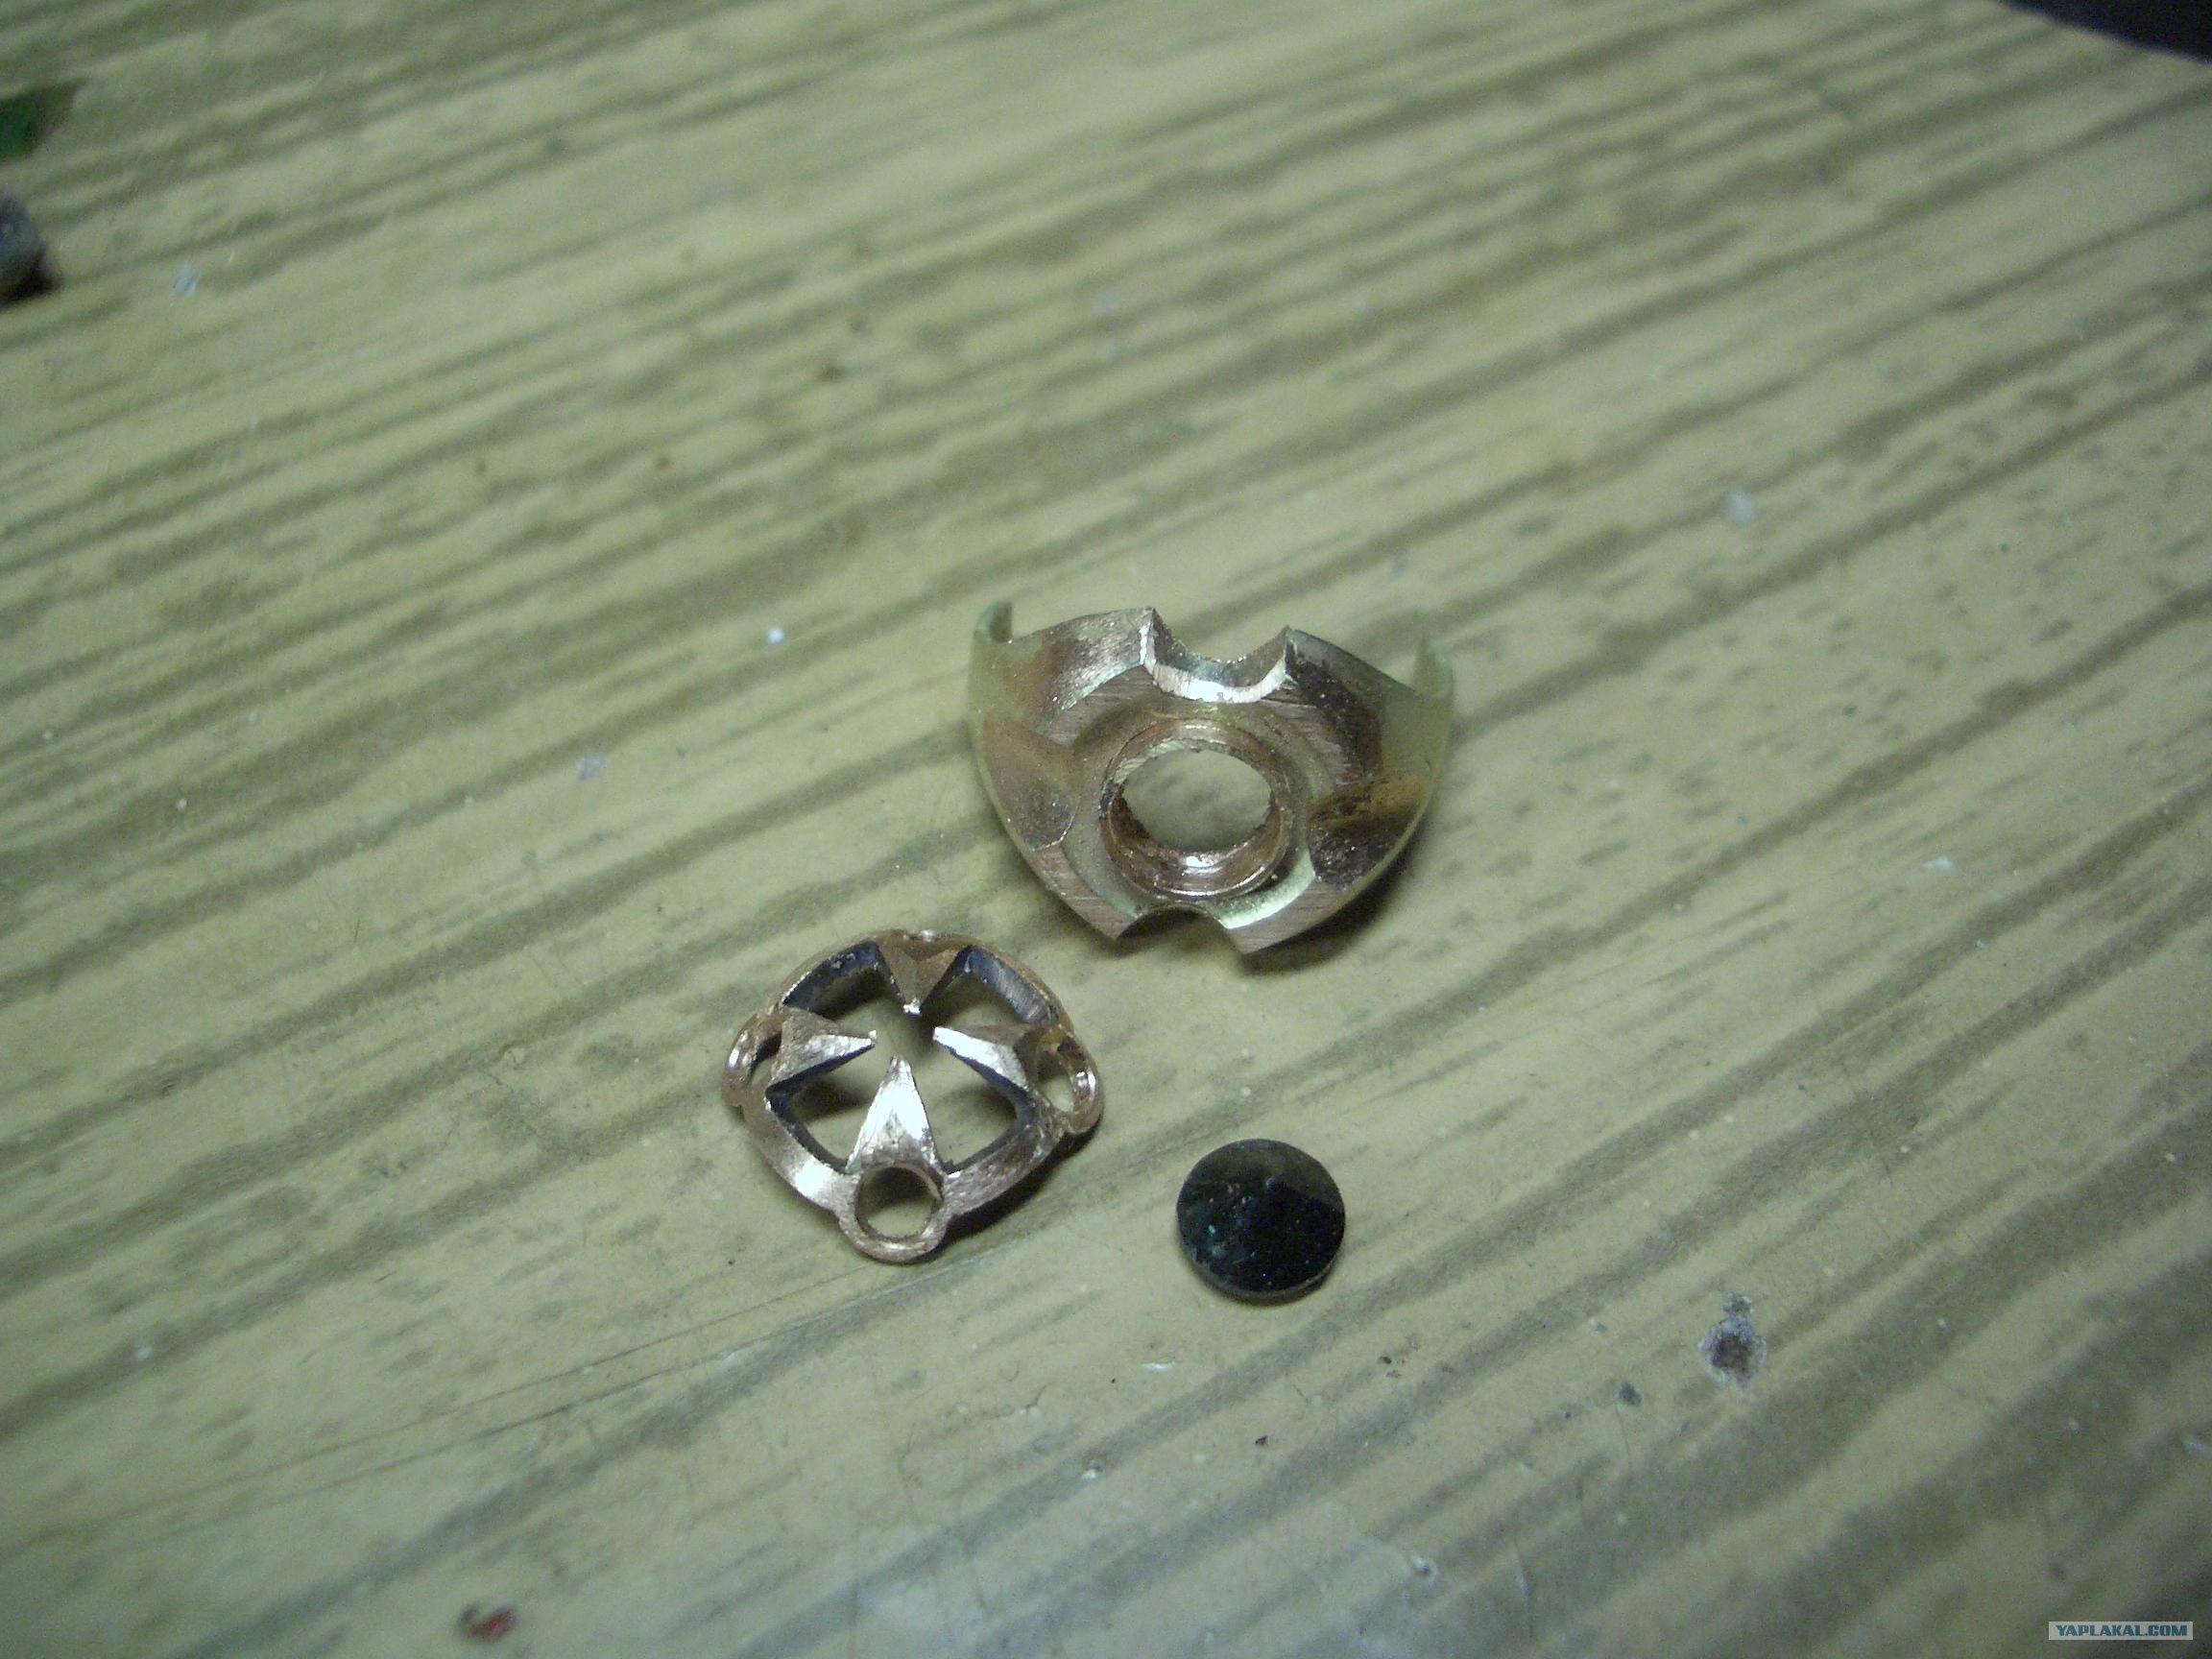 Самодельное кольцо на член 14 фотография